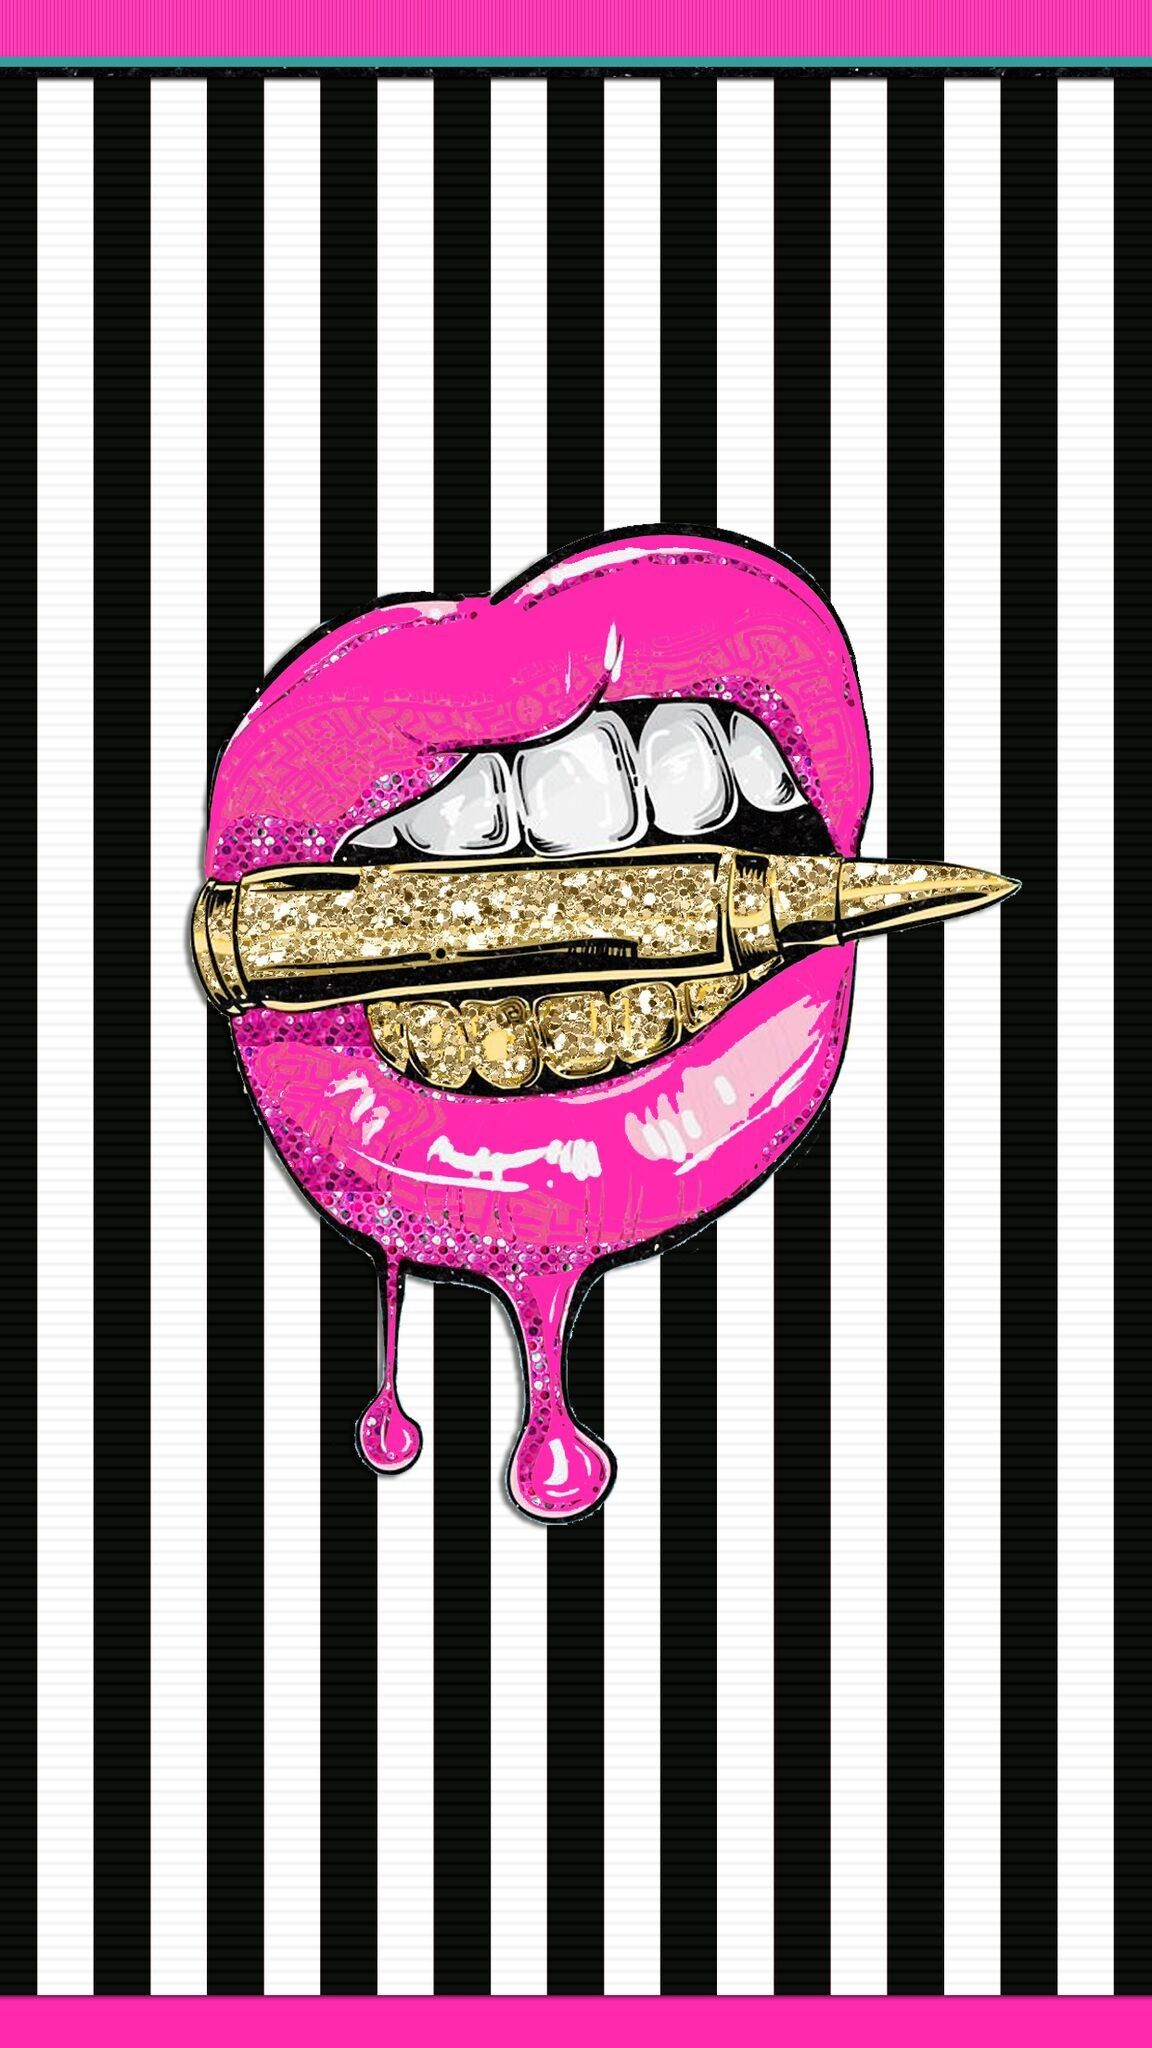 Pin by GLen👄 on Lips/Kisses Pinterest Wallpaper